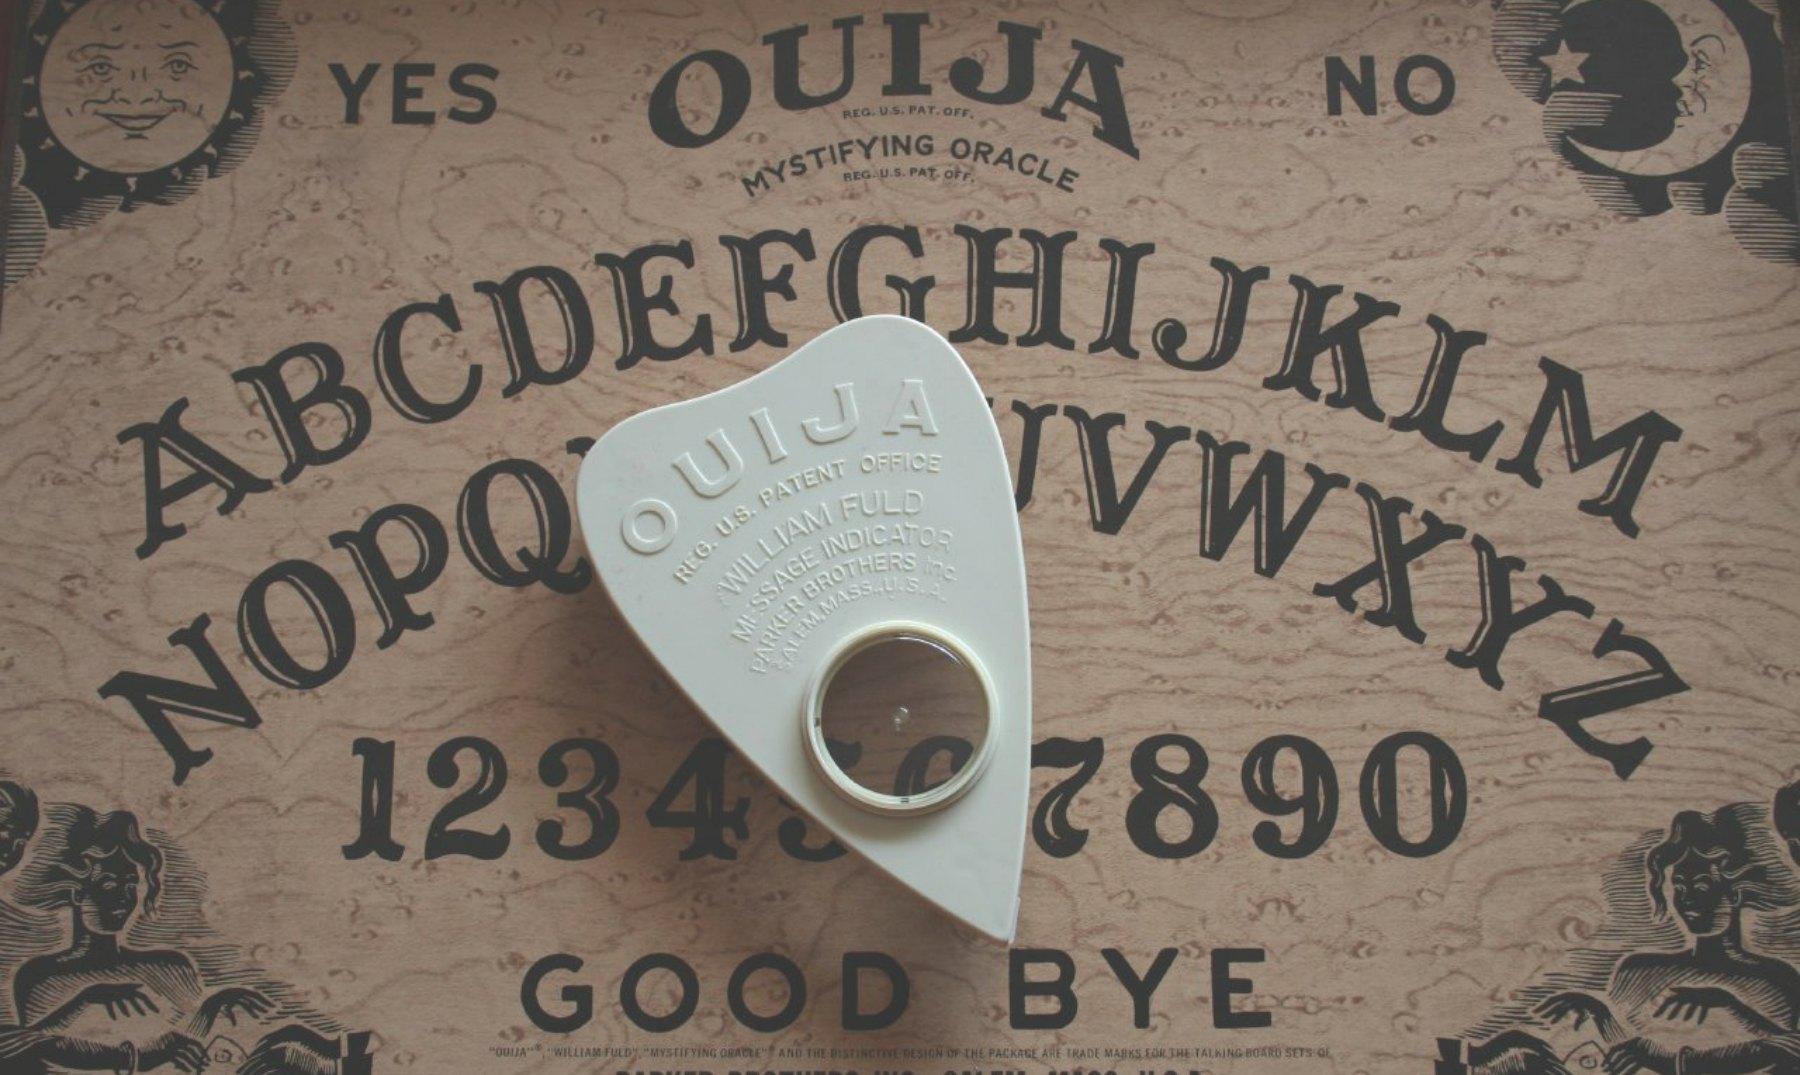 Juegos con la Ouija: El caso de Jennifer Lynn Springman